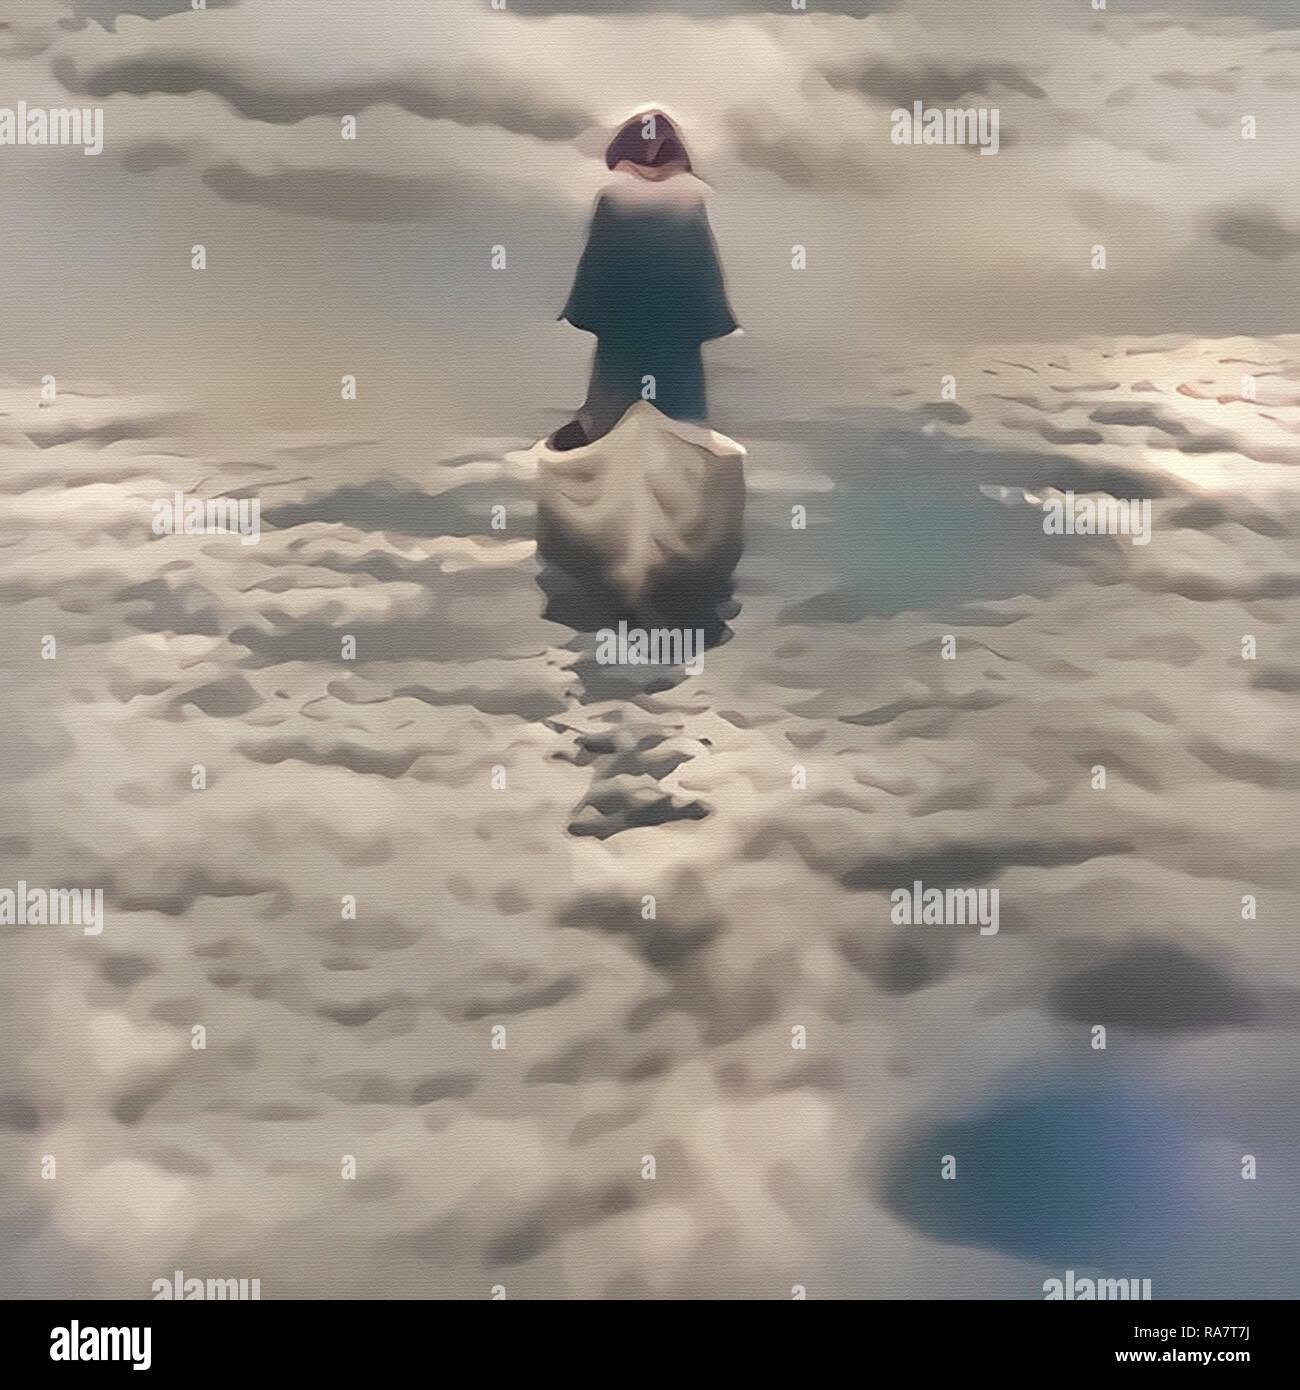 Composizione spirituale. Anima di viaggio. La figura di uomo nel mantello vela nel cielo Immagini Stock